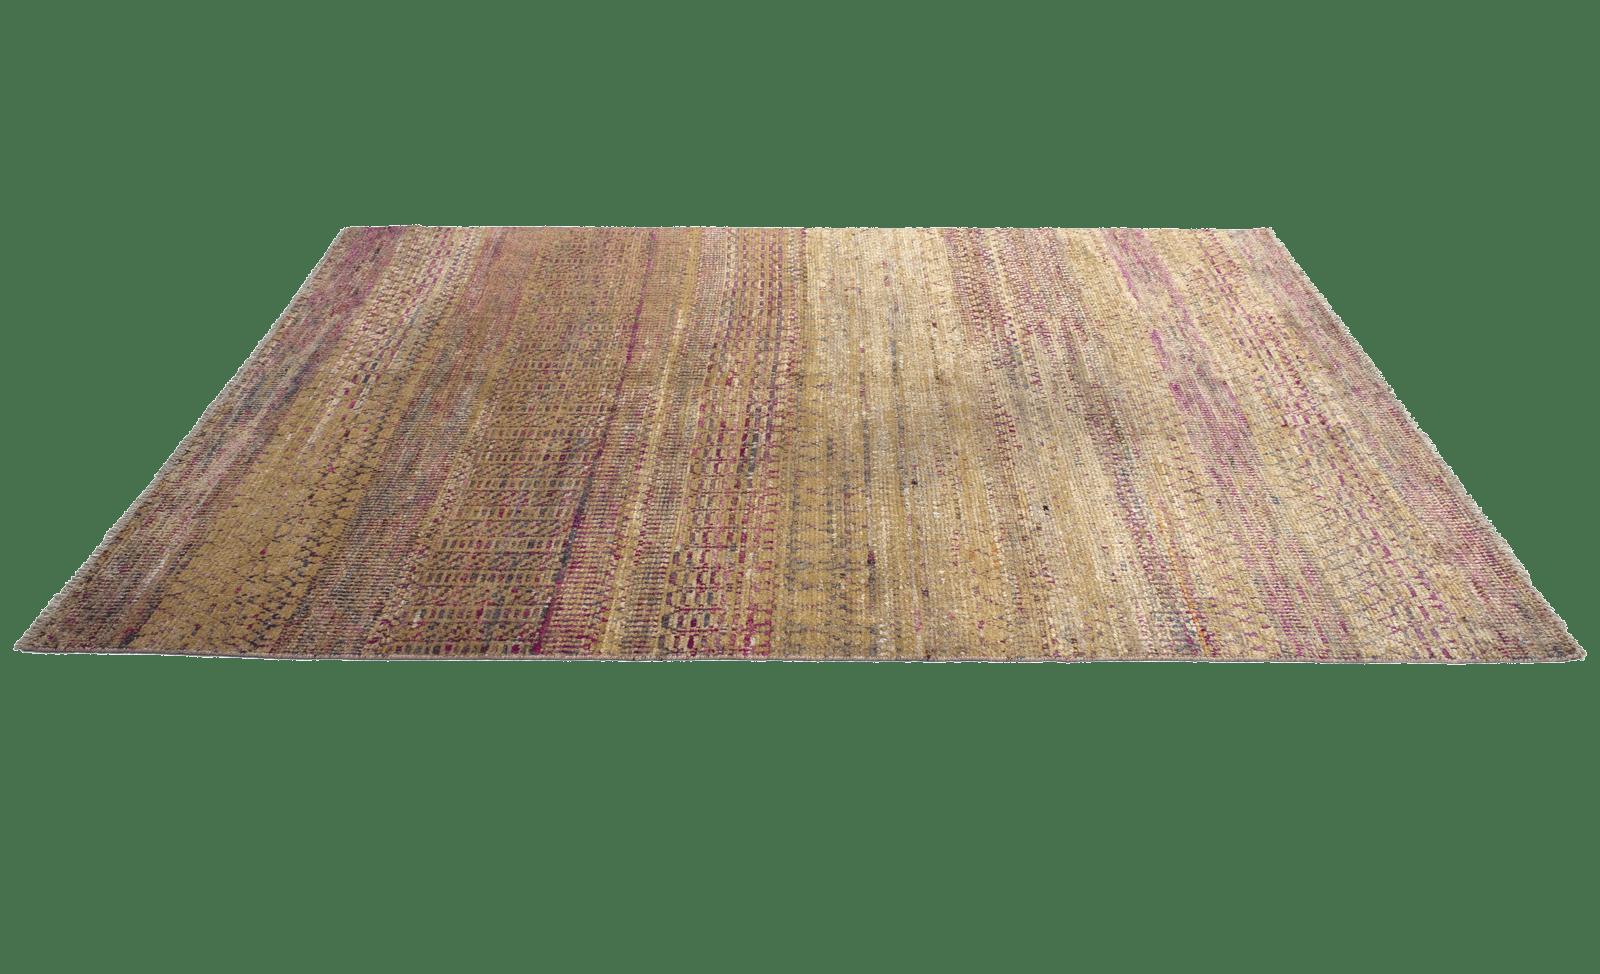 sari-silk-tribal-pink-tapijt-moderne-tapijten-handgeknoopte-design-exclusieve-luxe-vloerkleden-koreman-maastricht